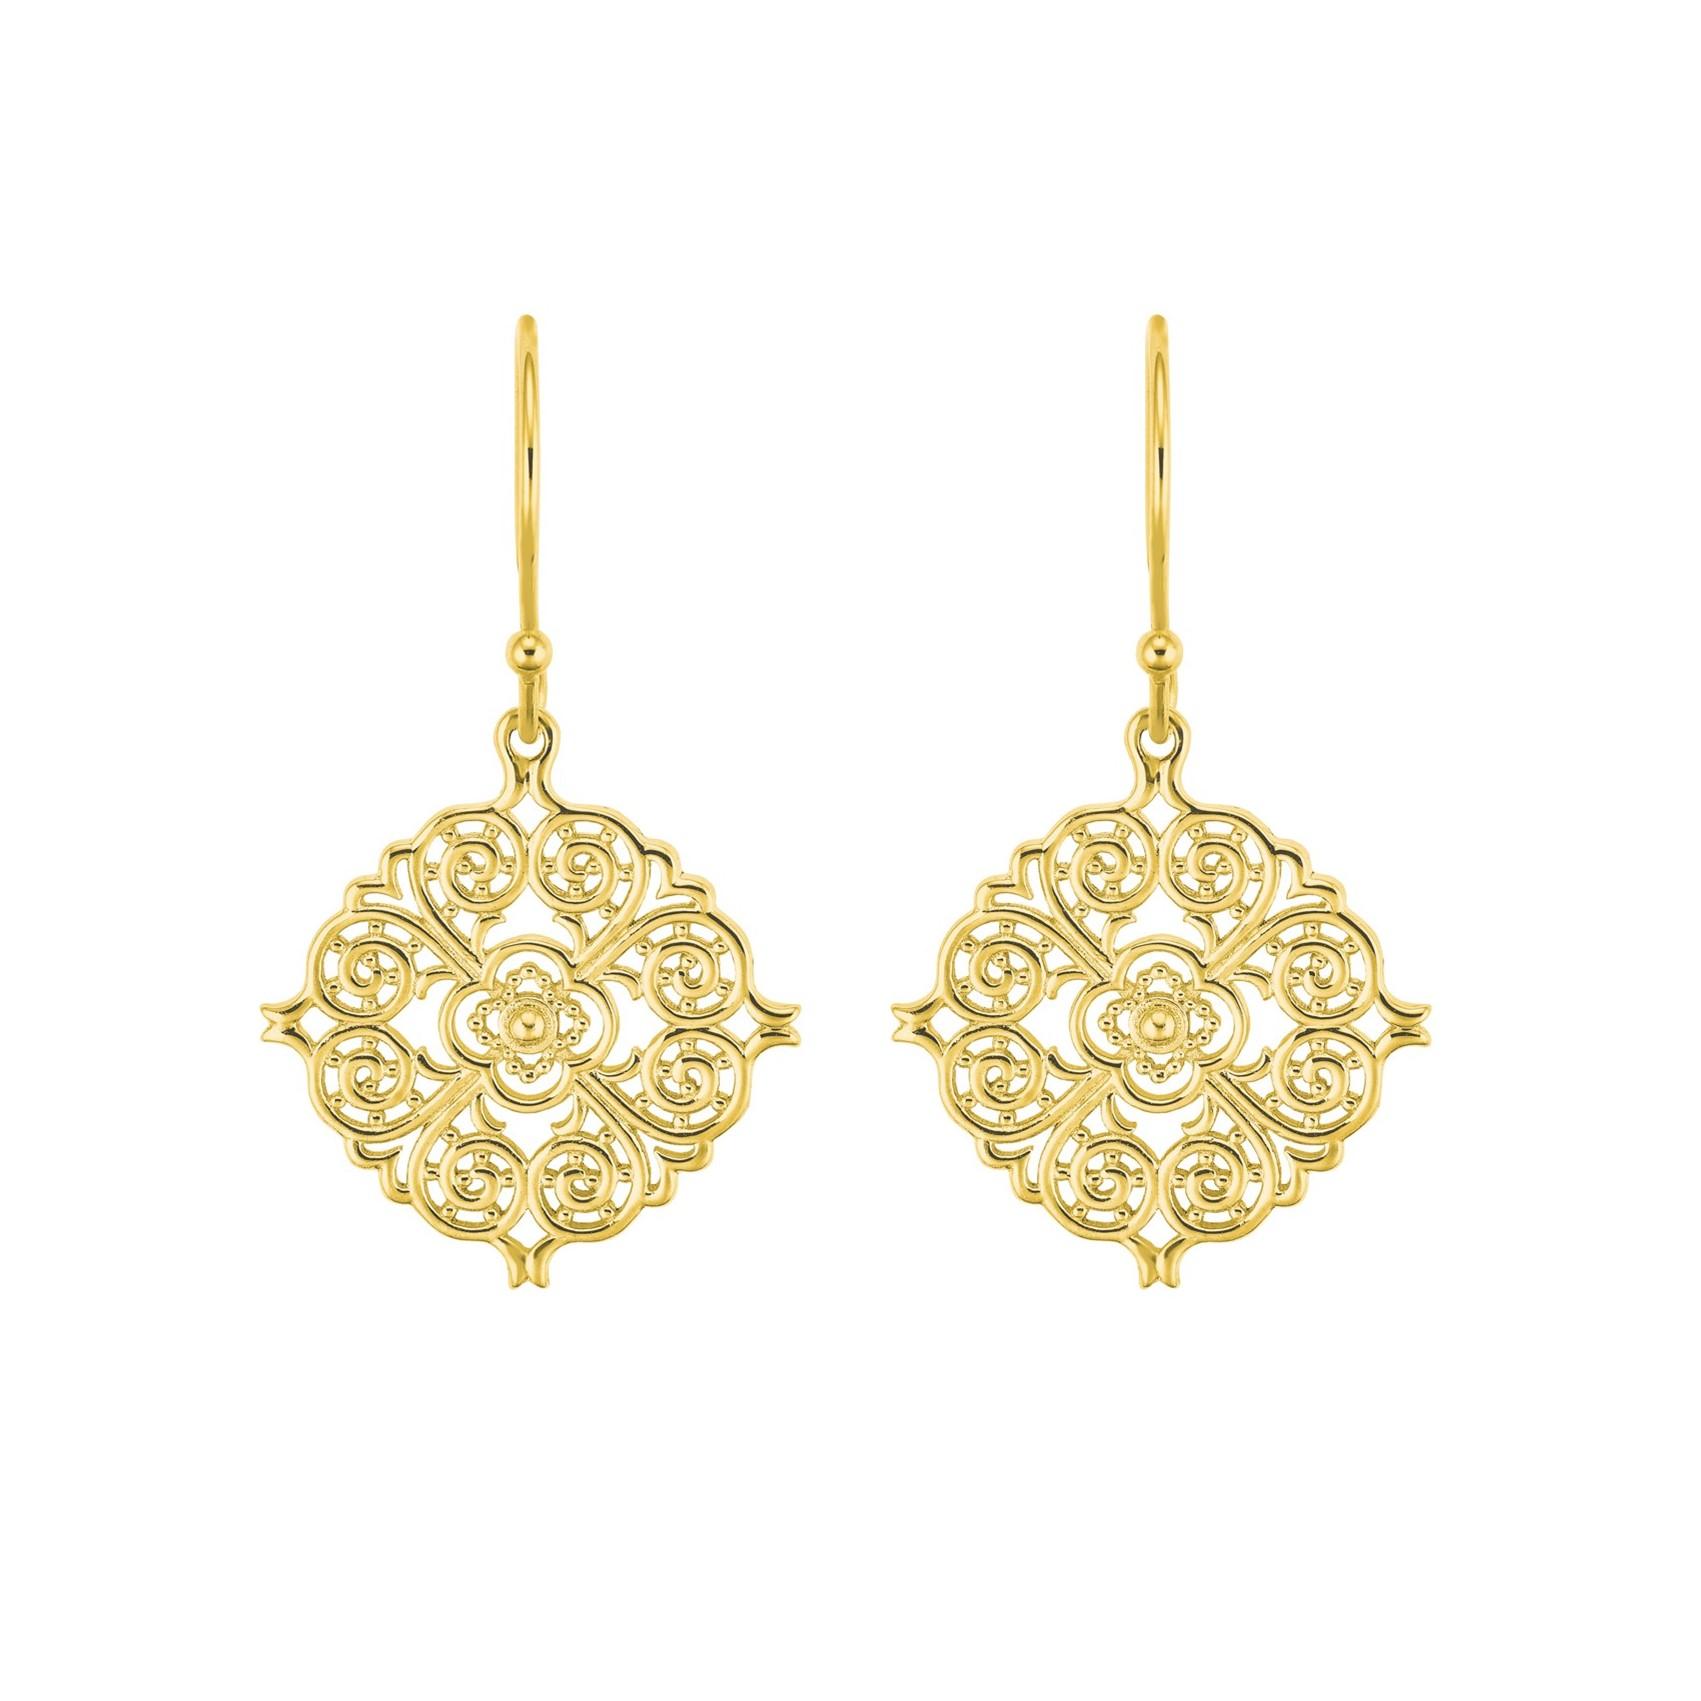 Ohrhänger für Damen, Sterling Silber 925, Ornamente